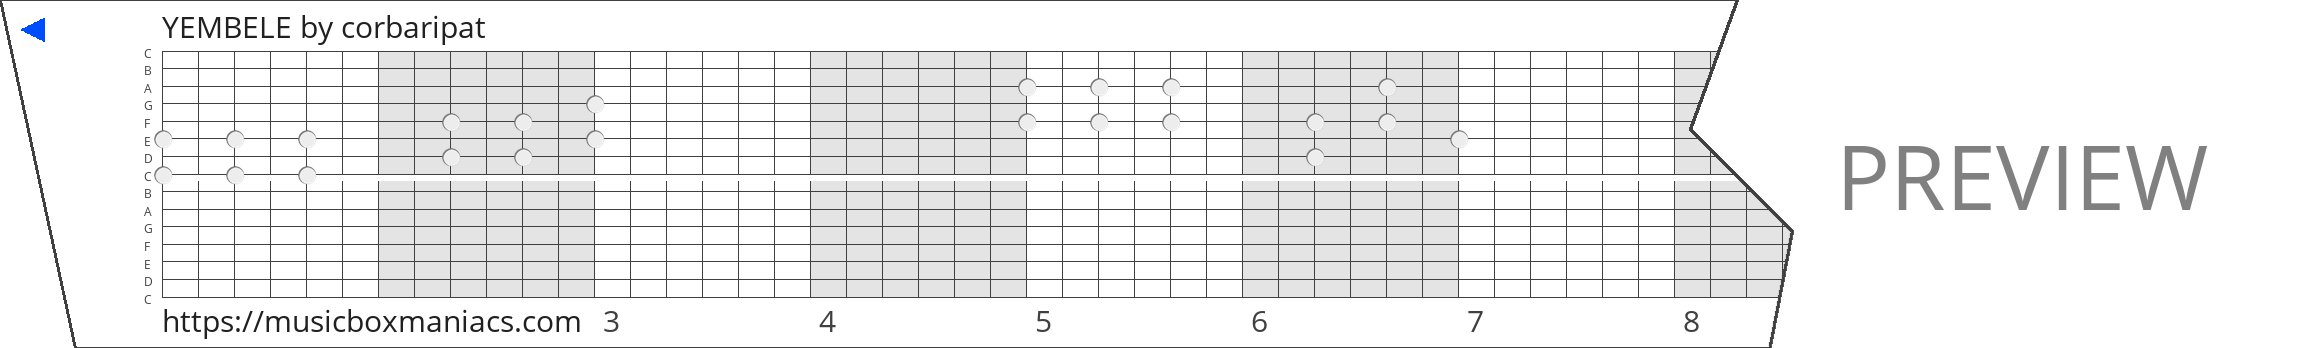 YEMBELE 15 note music box paper strip